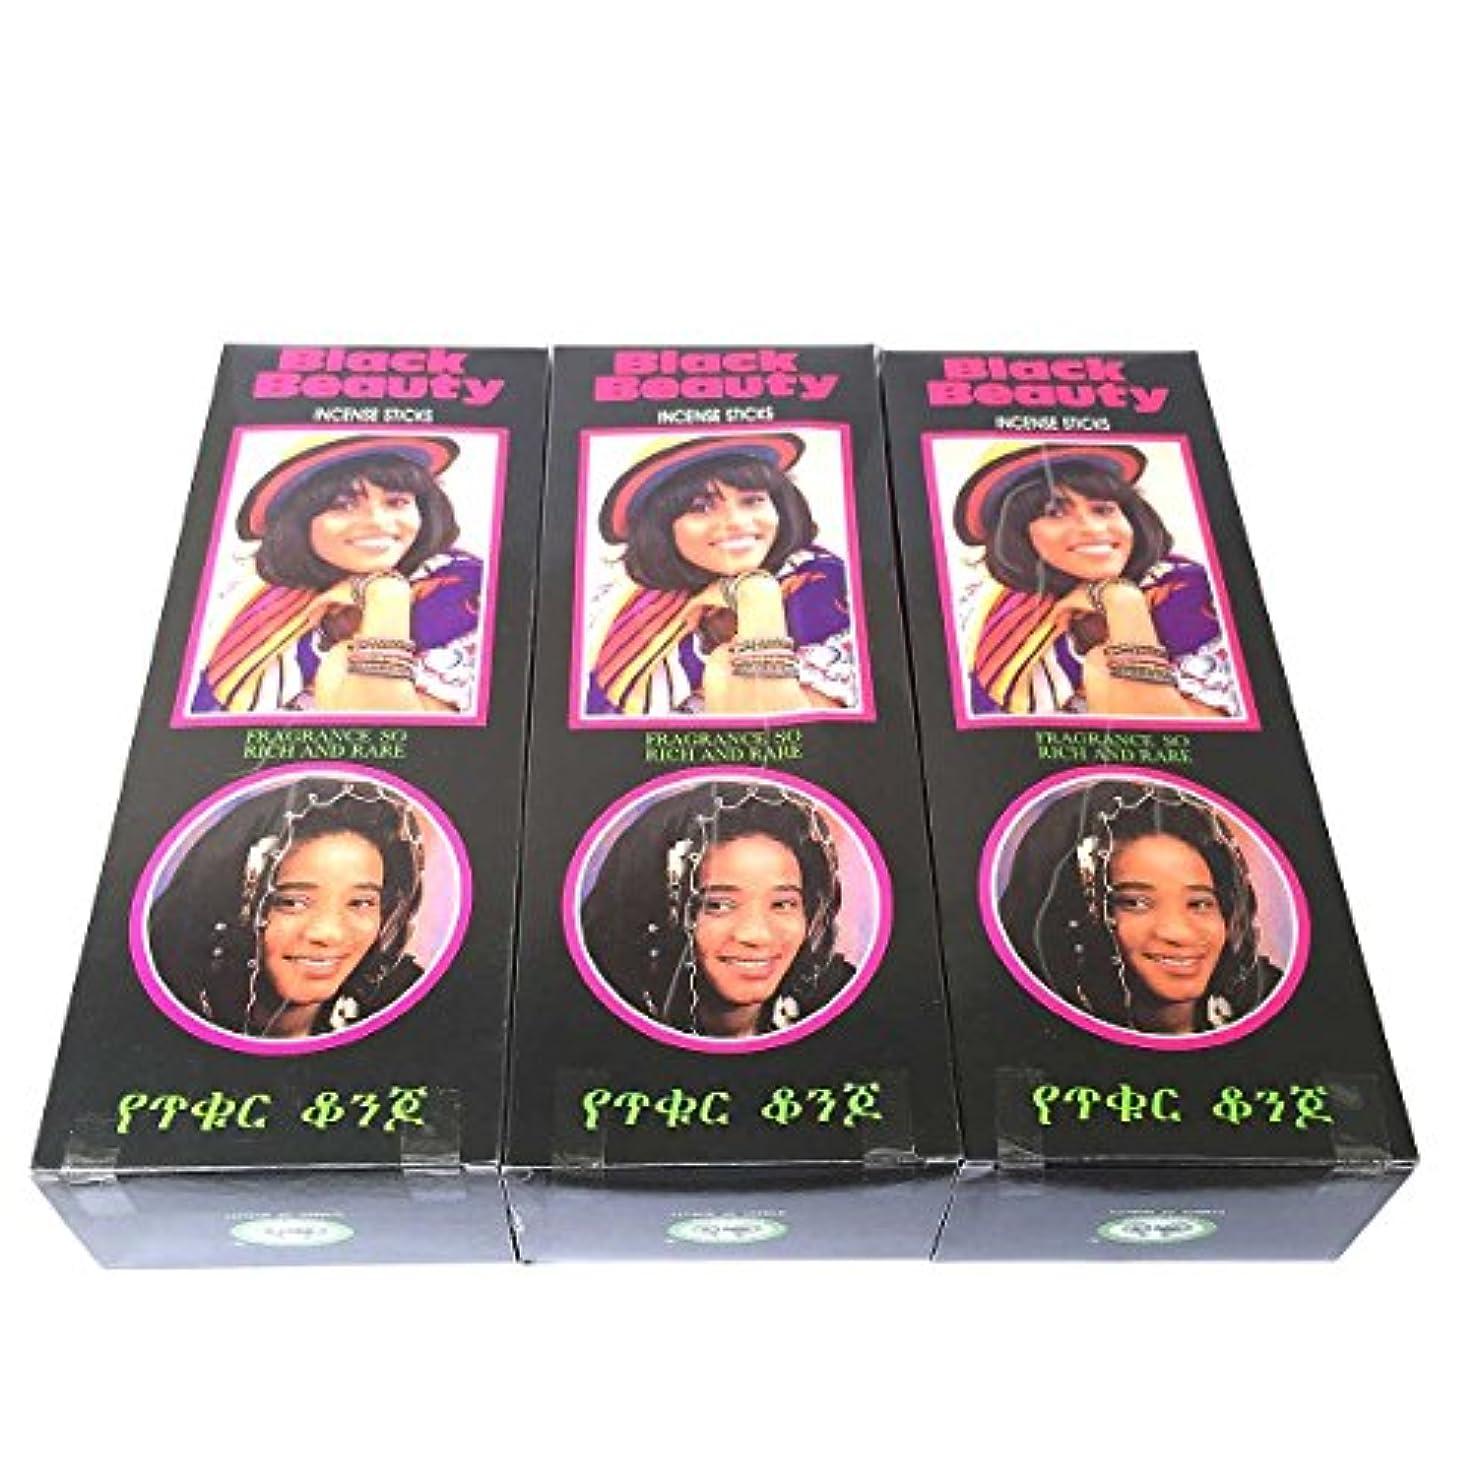 シンジケート不要尽きるブラックビューティー香スティック 3BOX(18箱) /CYCLE BLACK BEAUTY/インセンス/インド香 お香 [並行輸入品]